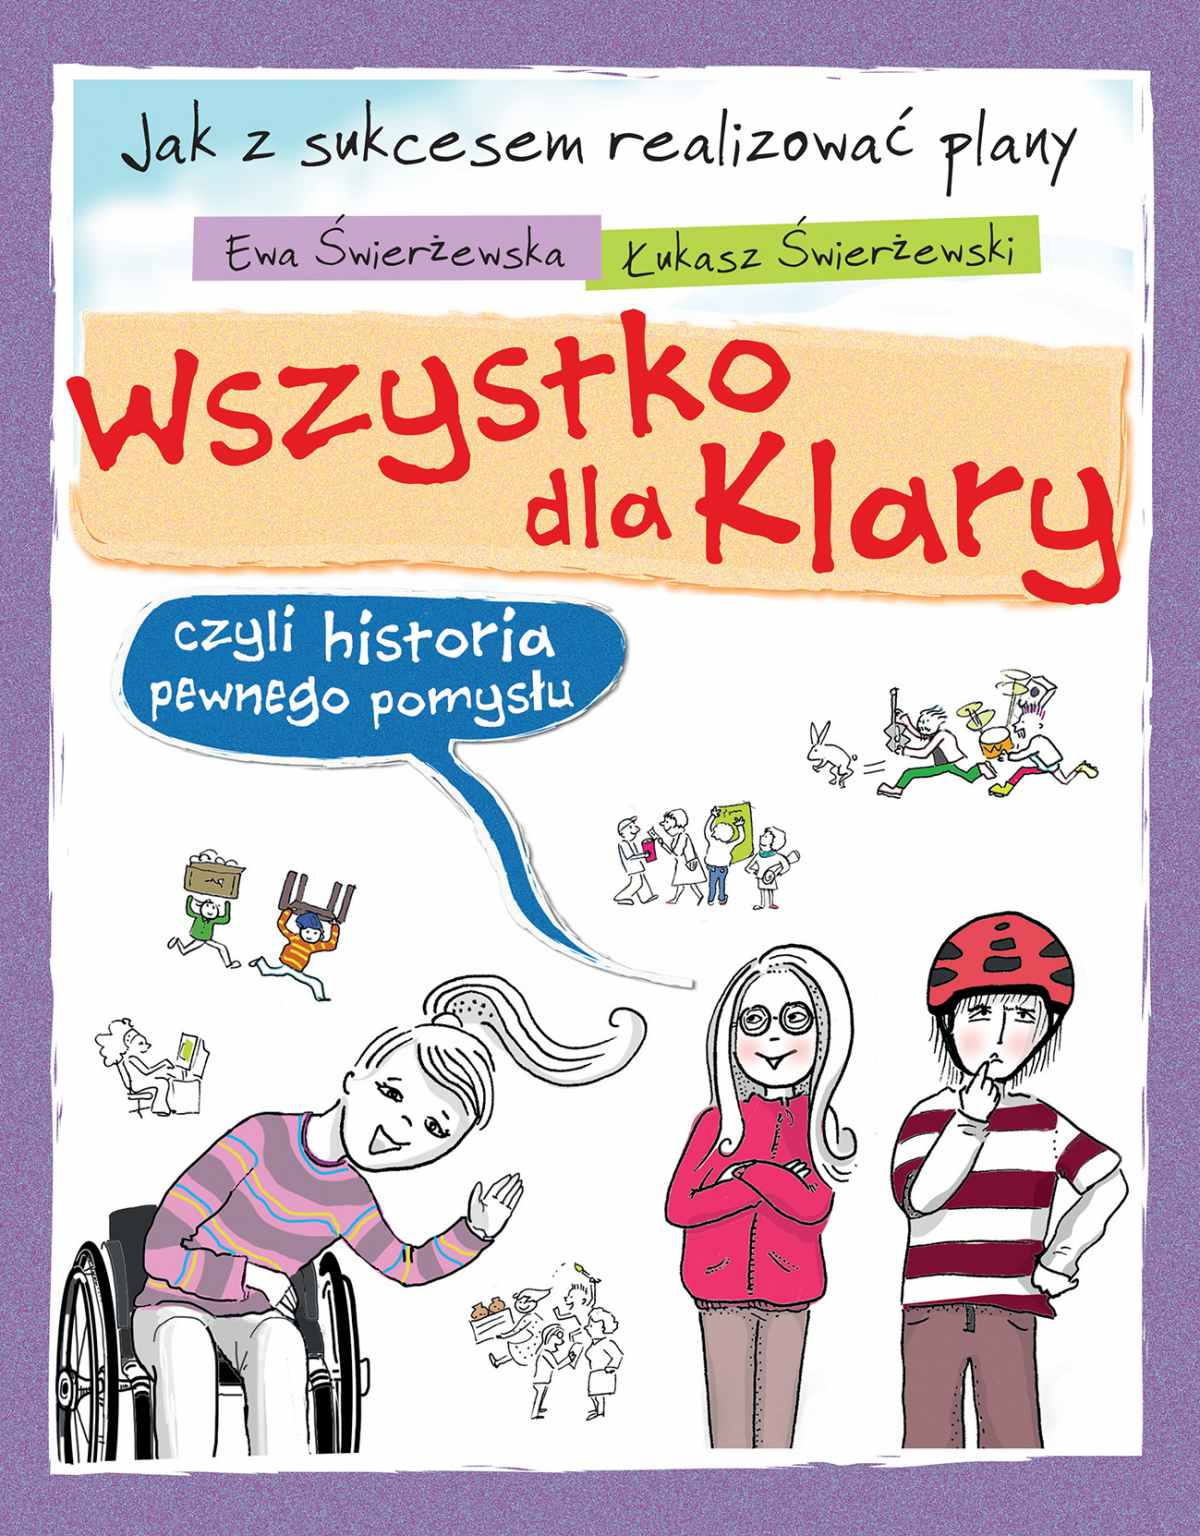 Wszystko dla Klary, czyli historia pewnego pomysłu - Ebook (Książka EPUB) do pobrania w formacie EPUB